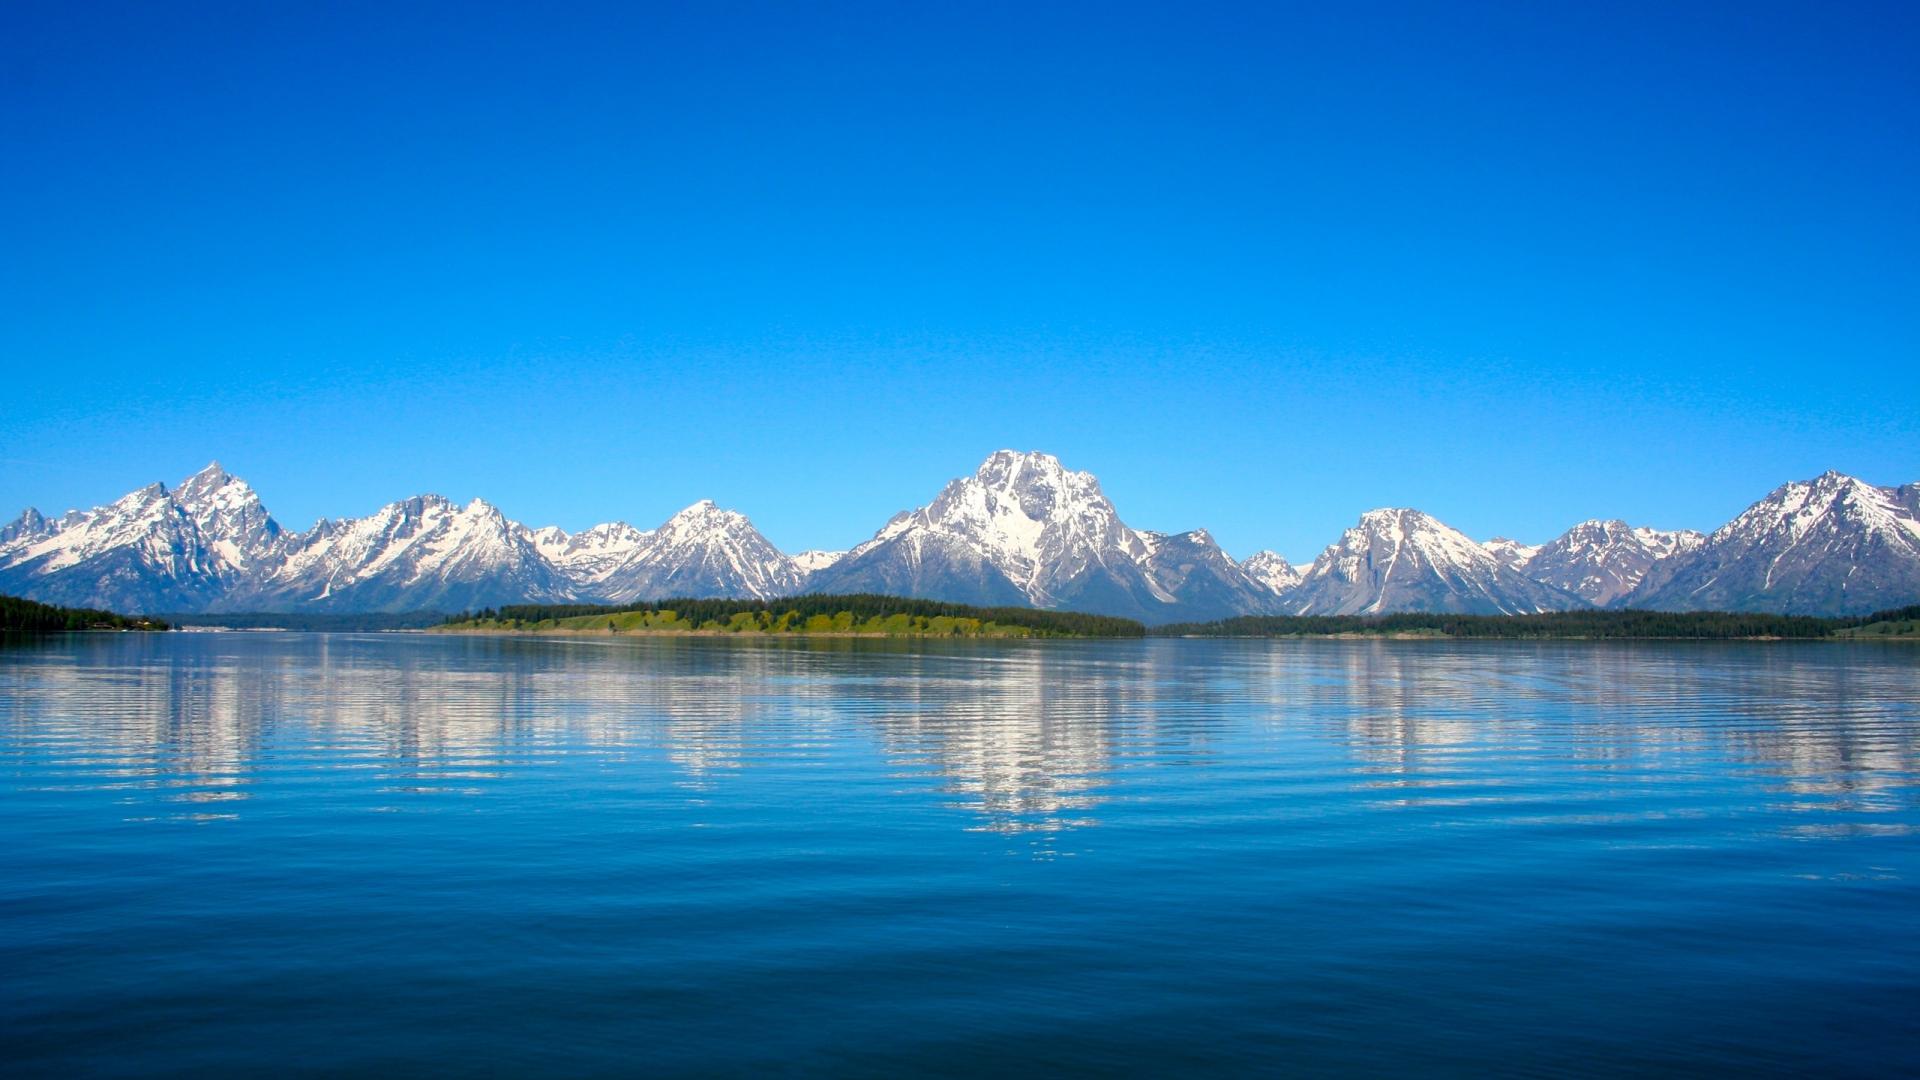 Lago y montañas - 1920x1080